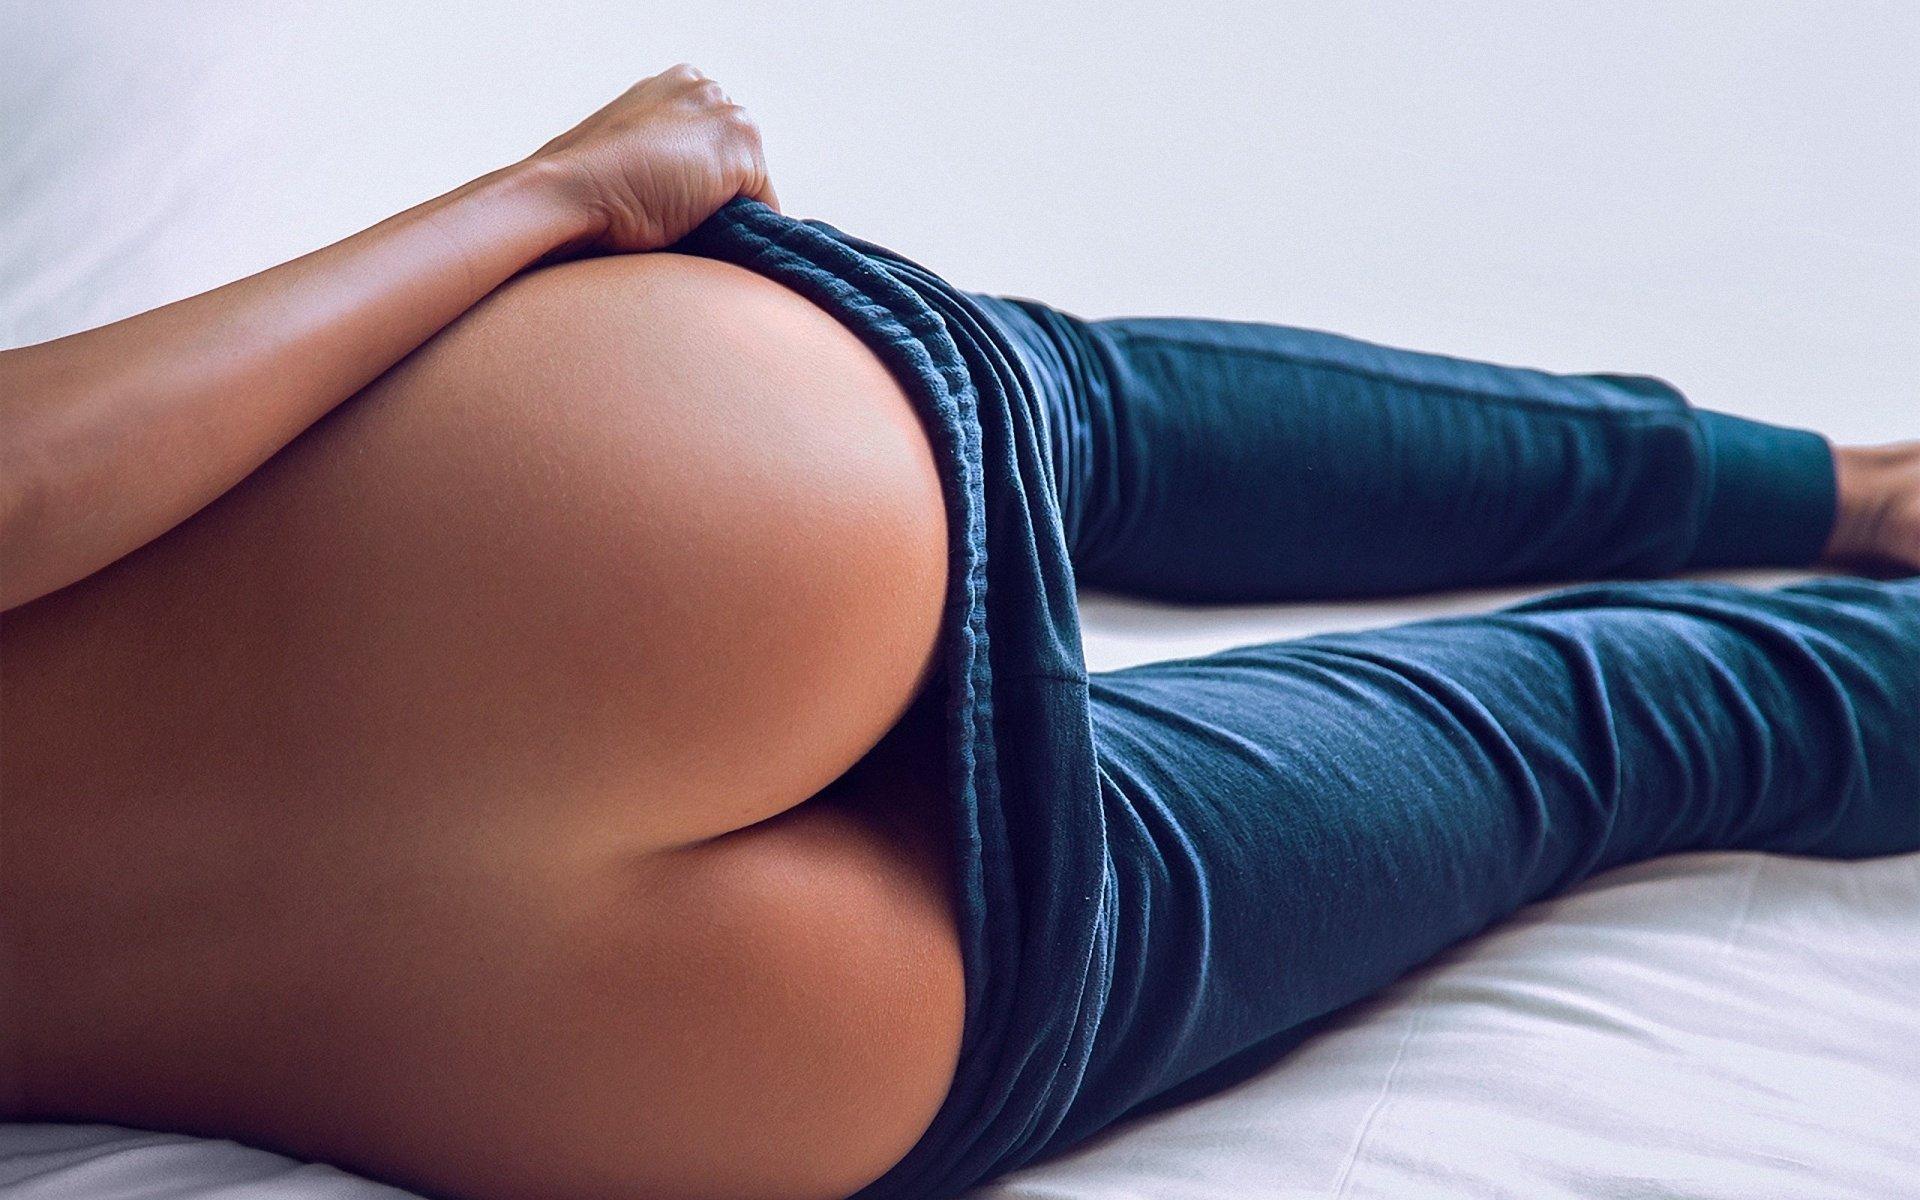 Ролики красивые задницы 16 фотография